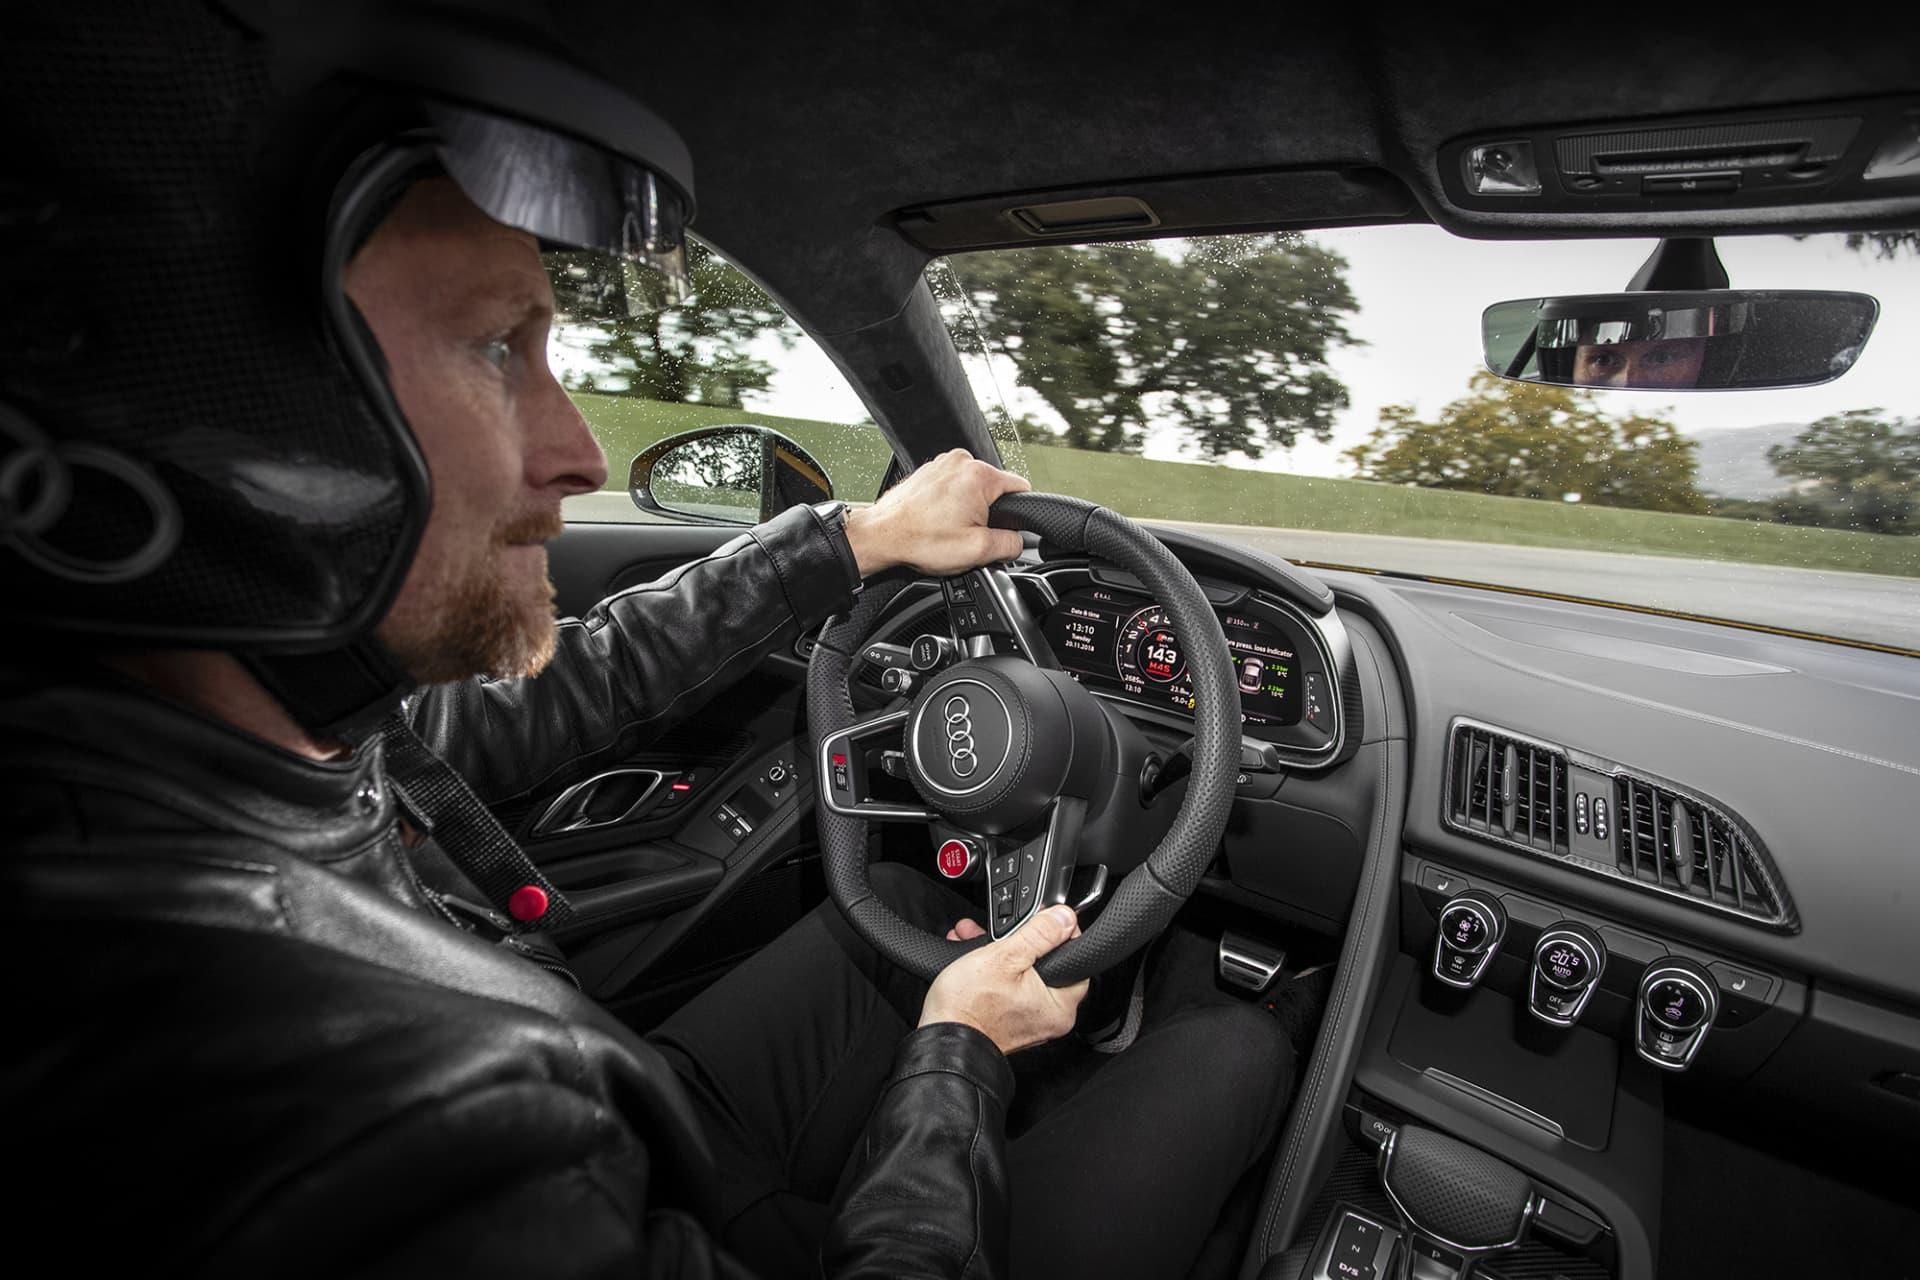 """Trots lite regnstänk känns nya Audi R8 vansinnigt stabil i höga farter även när det svängen. Mycket tack vare fin balans och fyrhjulsdrift men även det nya Performance ESP systemet där man kan välja läget """"Wet"""" när det inte är helt tort på banan (foto: Ingo Barenschee)."""